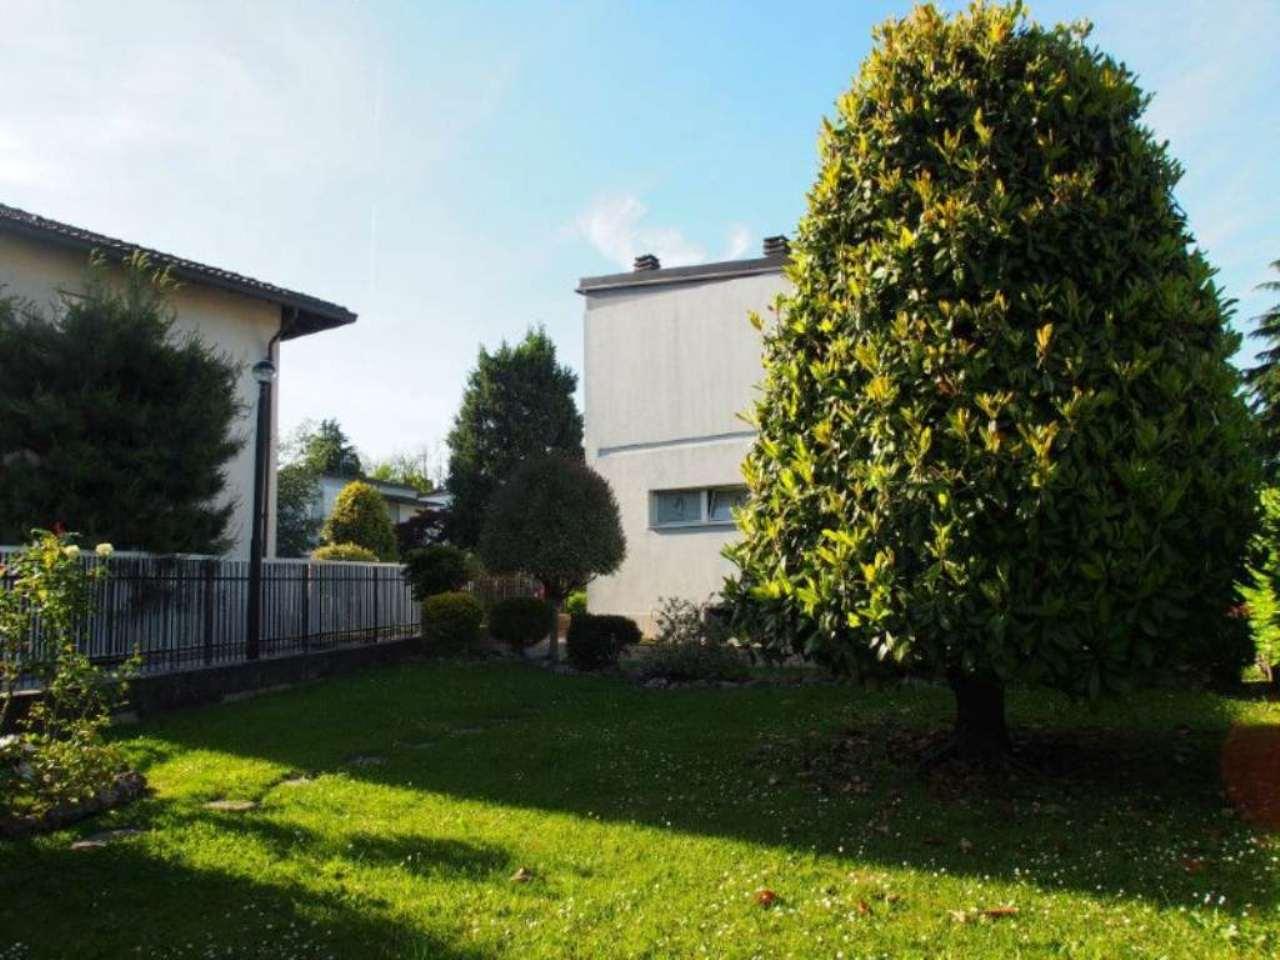 Soluzione Indipendente in vendita a Cesano Maderno, 4 locali, prezzo € 285.000 | Cambio Casa.it